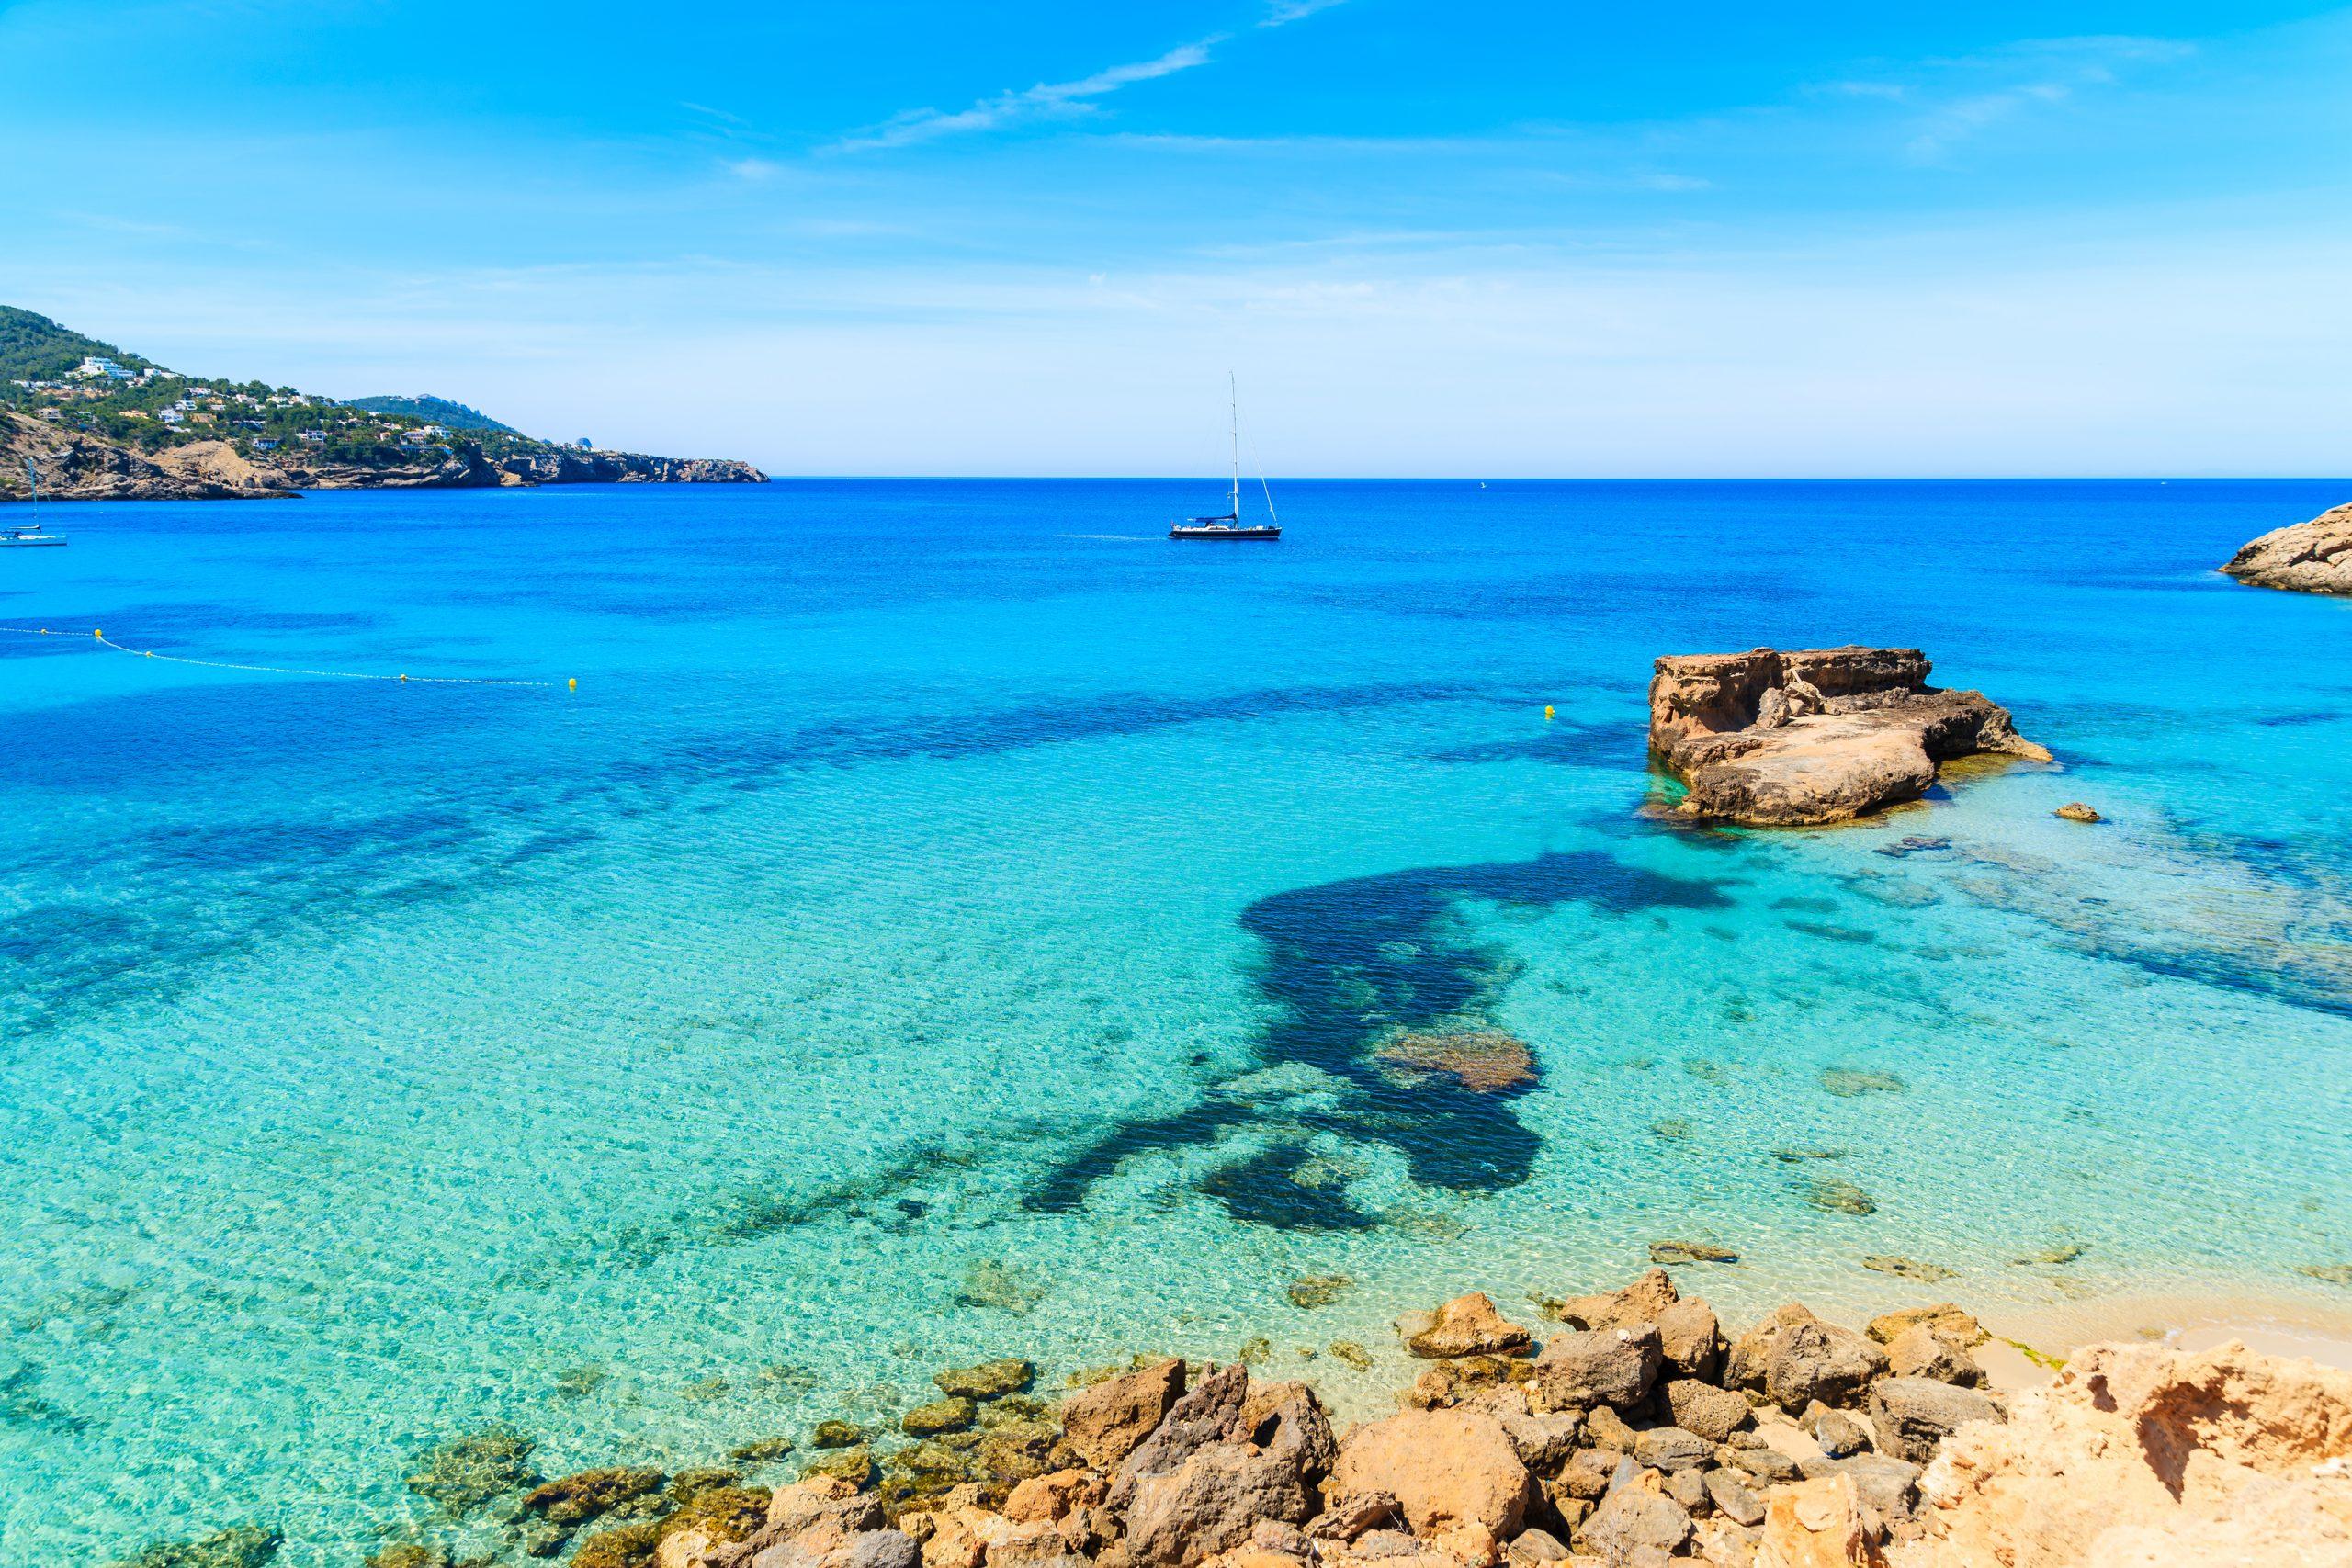 Vacaciones en velero LGTBI Puertos deportivos y restaurantes en Formentera